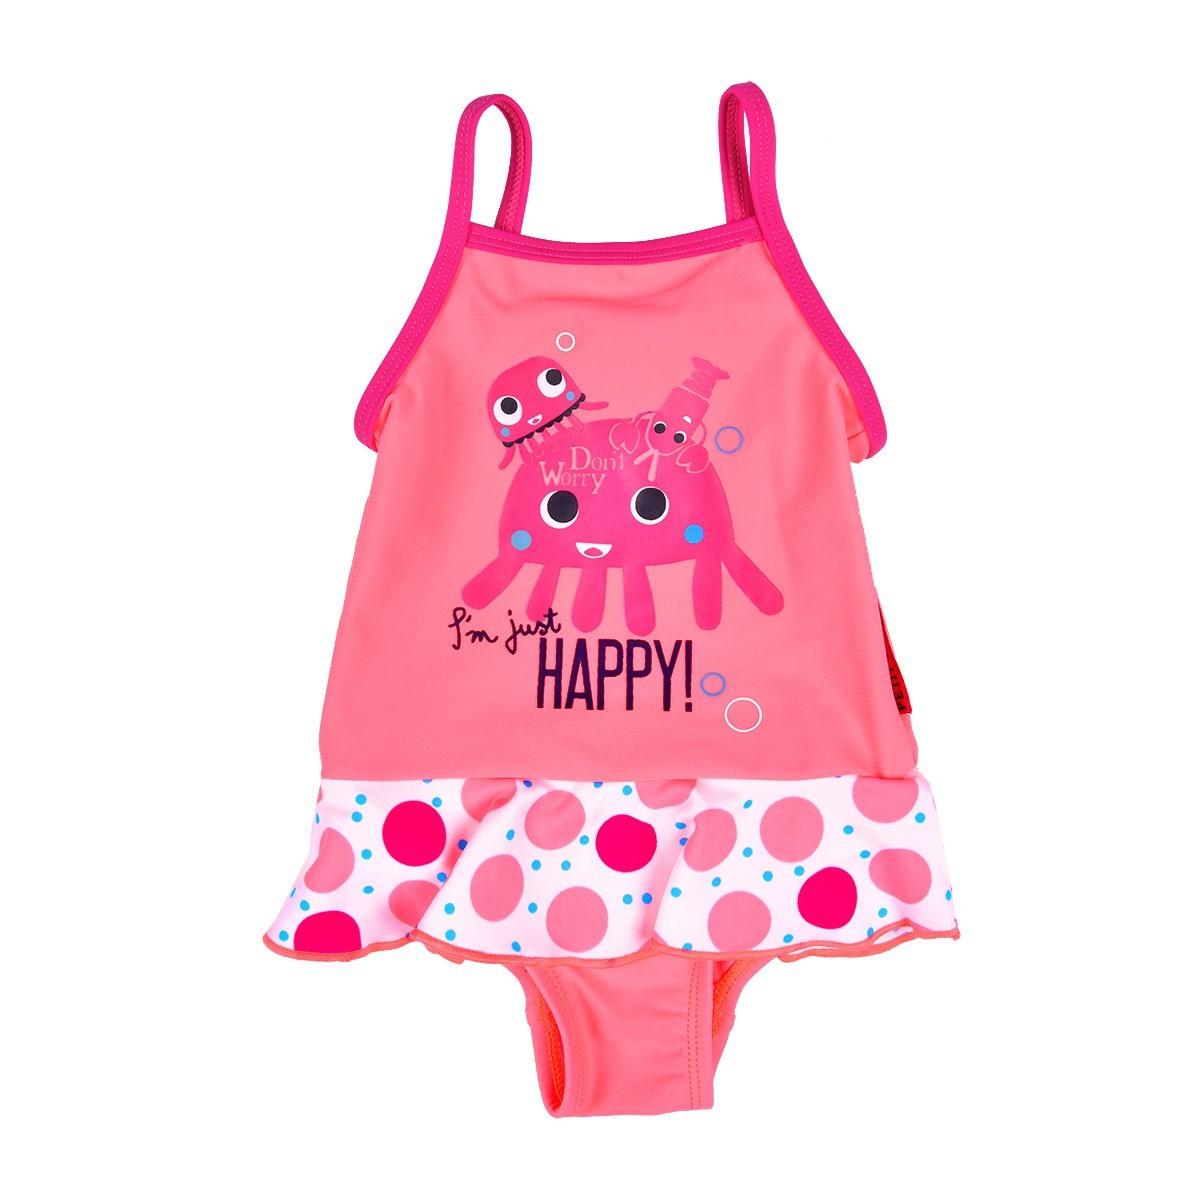 Bien-aimé maillot de bain bebe,maillot de bain couche tee shirt bob bebe ZD31